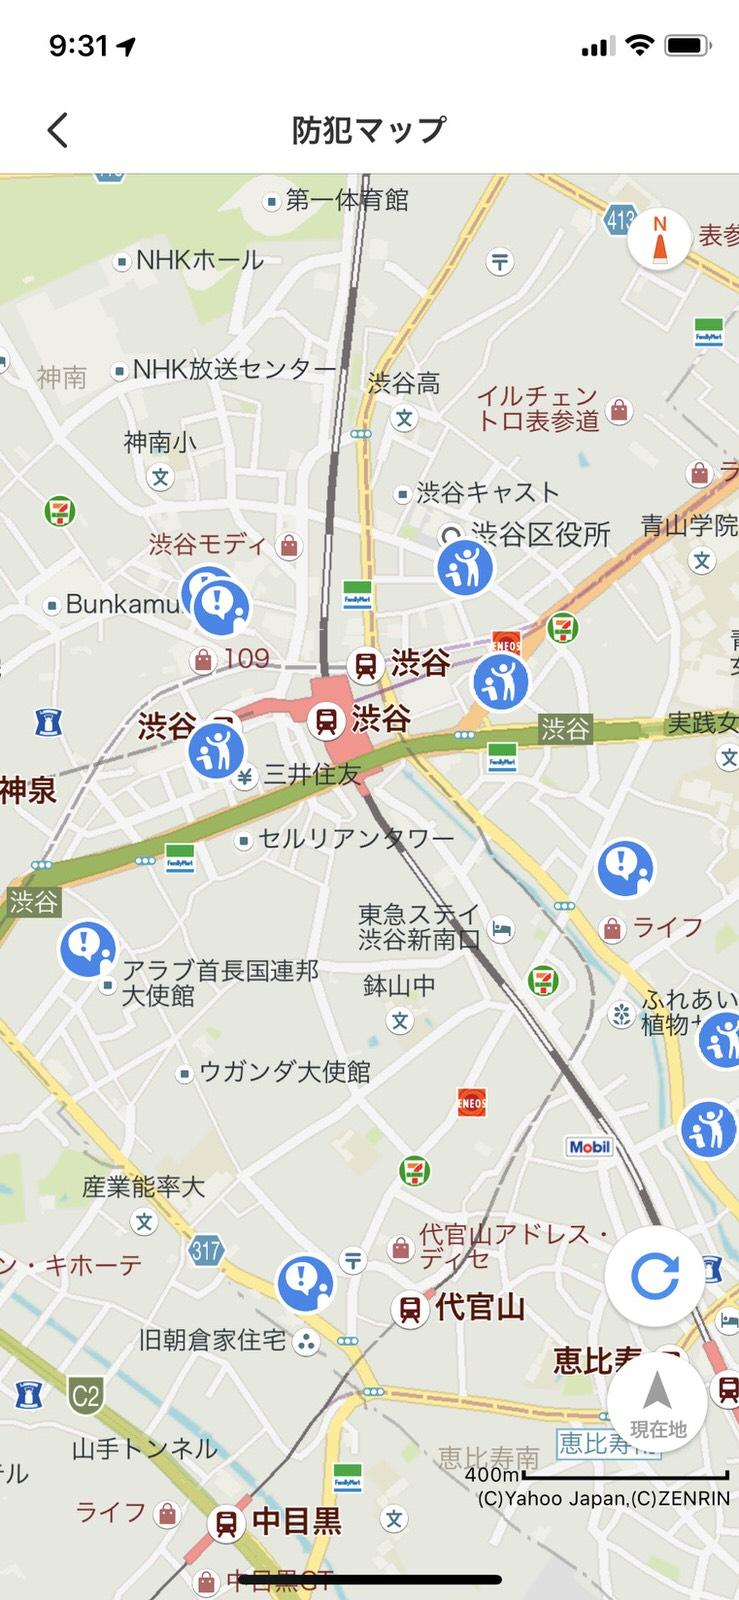 yahoo-map-bousai-5